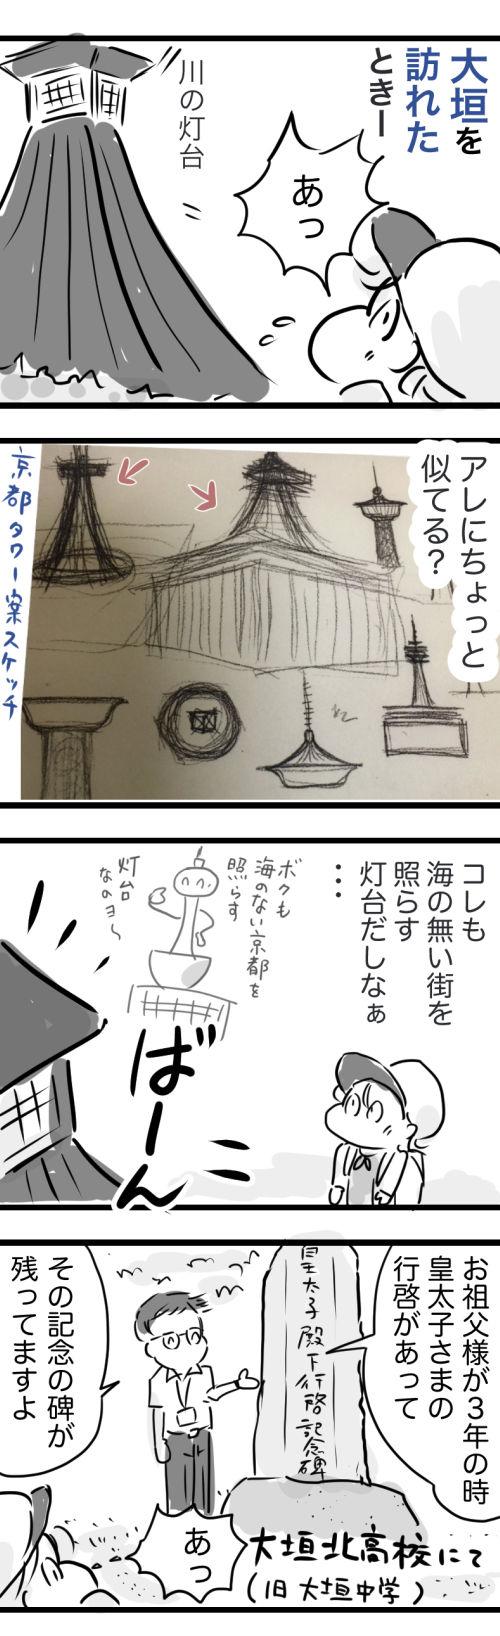 大垣3−2